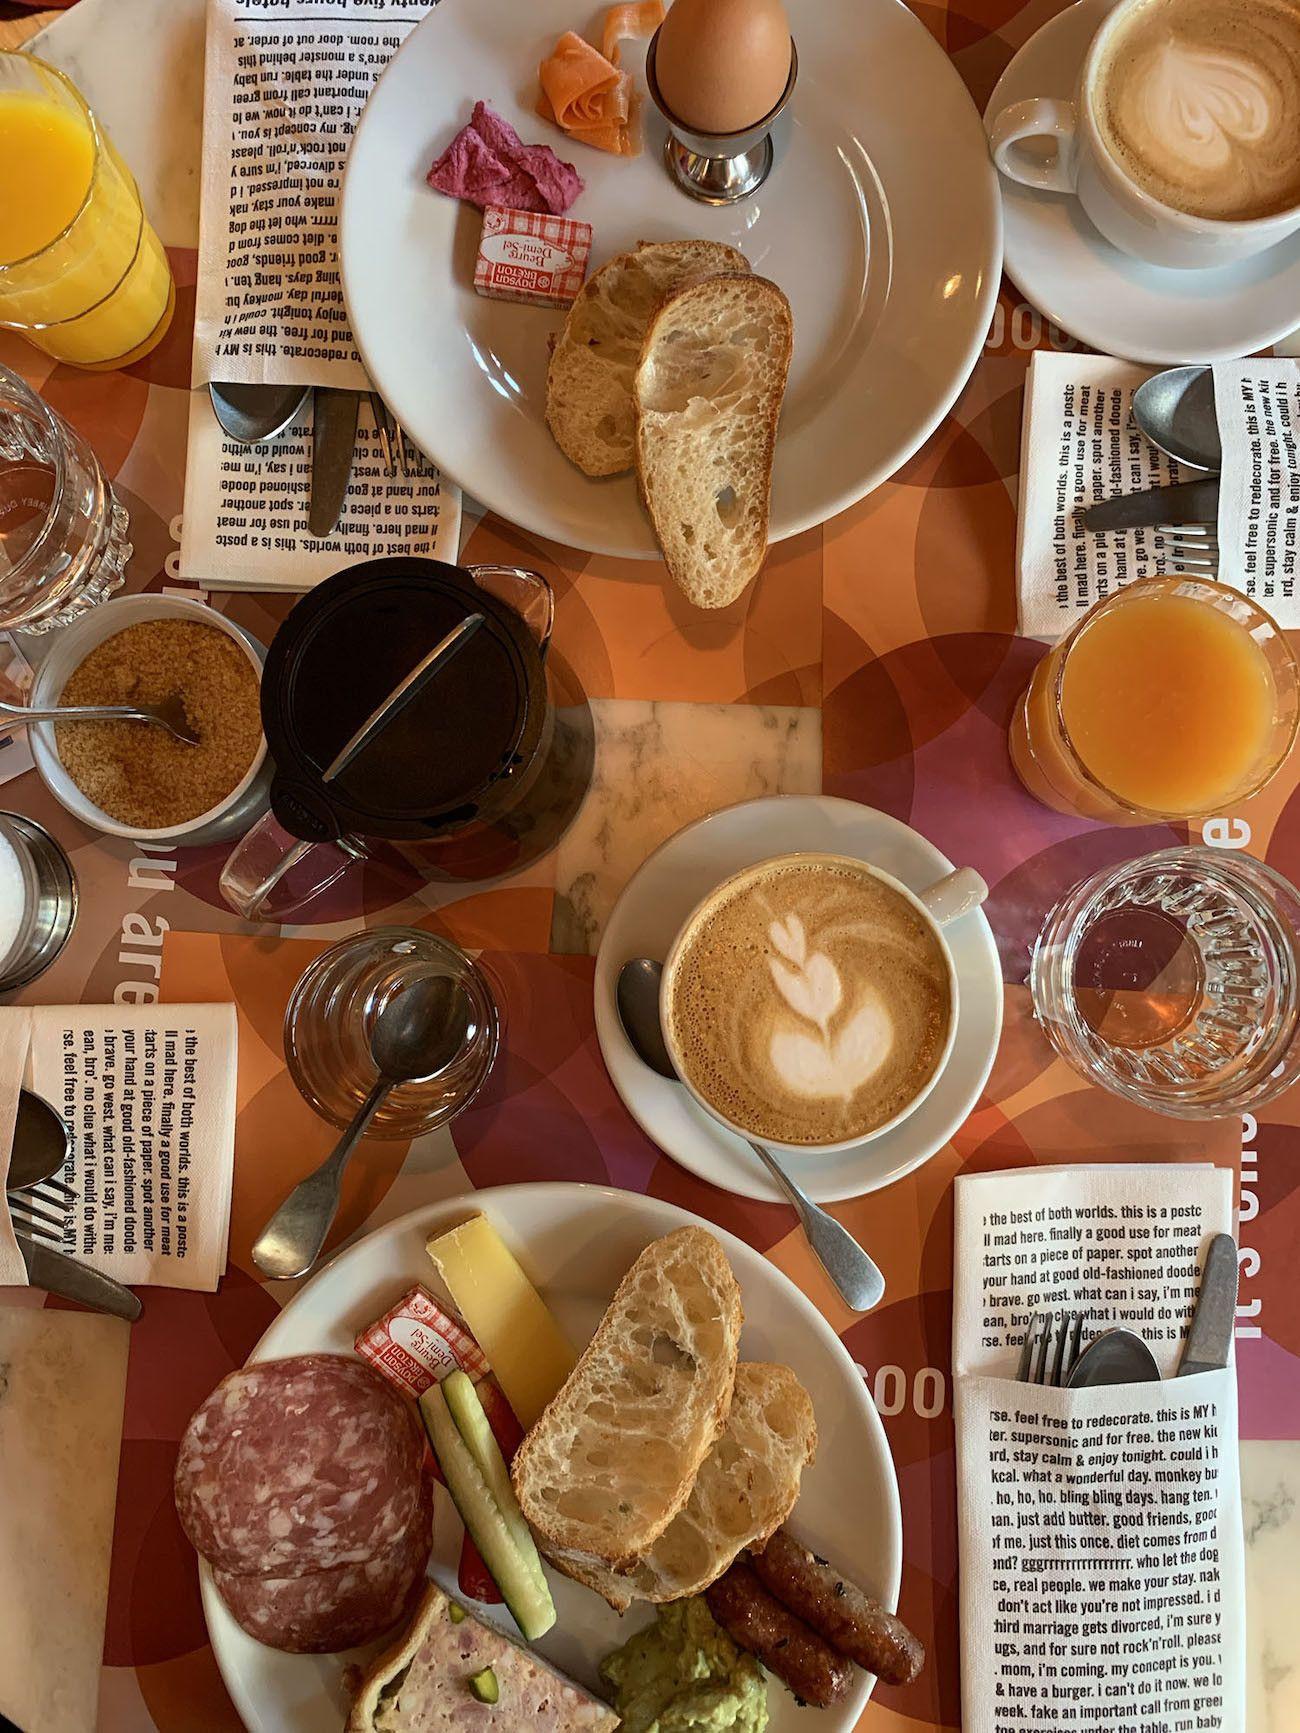 Foodblog About Fuel, Paris, Frühstück, Salami, Käse, Ei